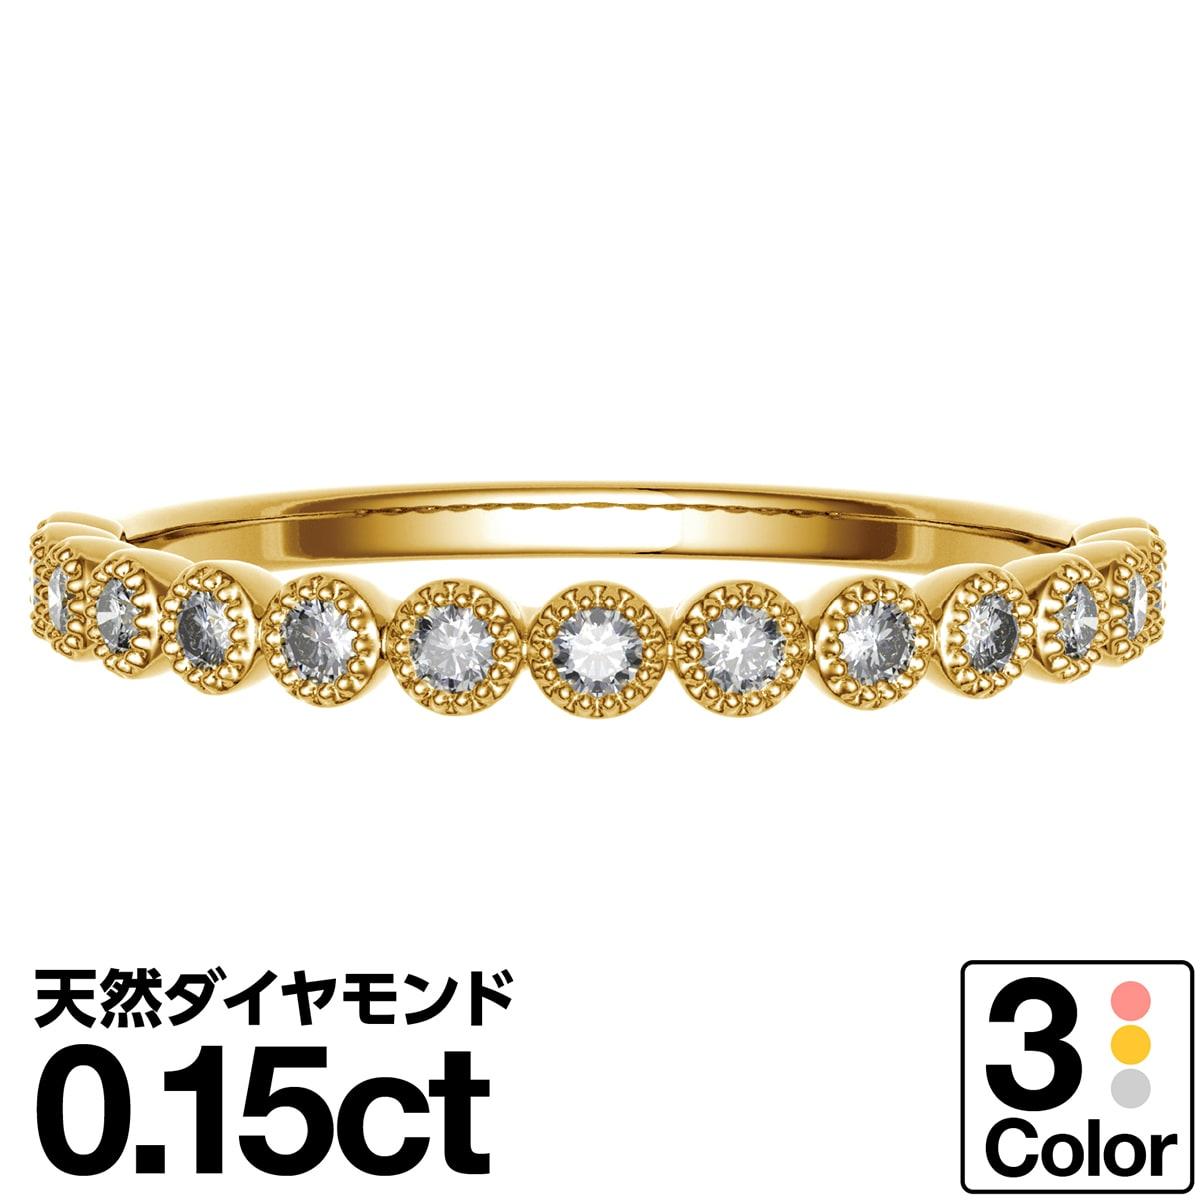 【送料無料】 【指輪】 天然ダイヤモンド 日本製 【リング】 K10ゴールド 【ダイヤモンド】 指輪 【ゴールド】